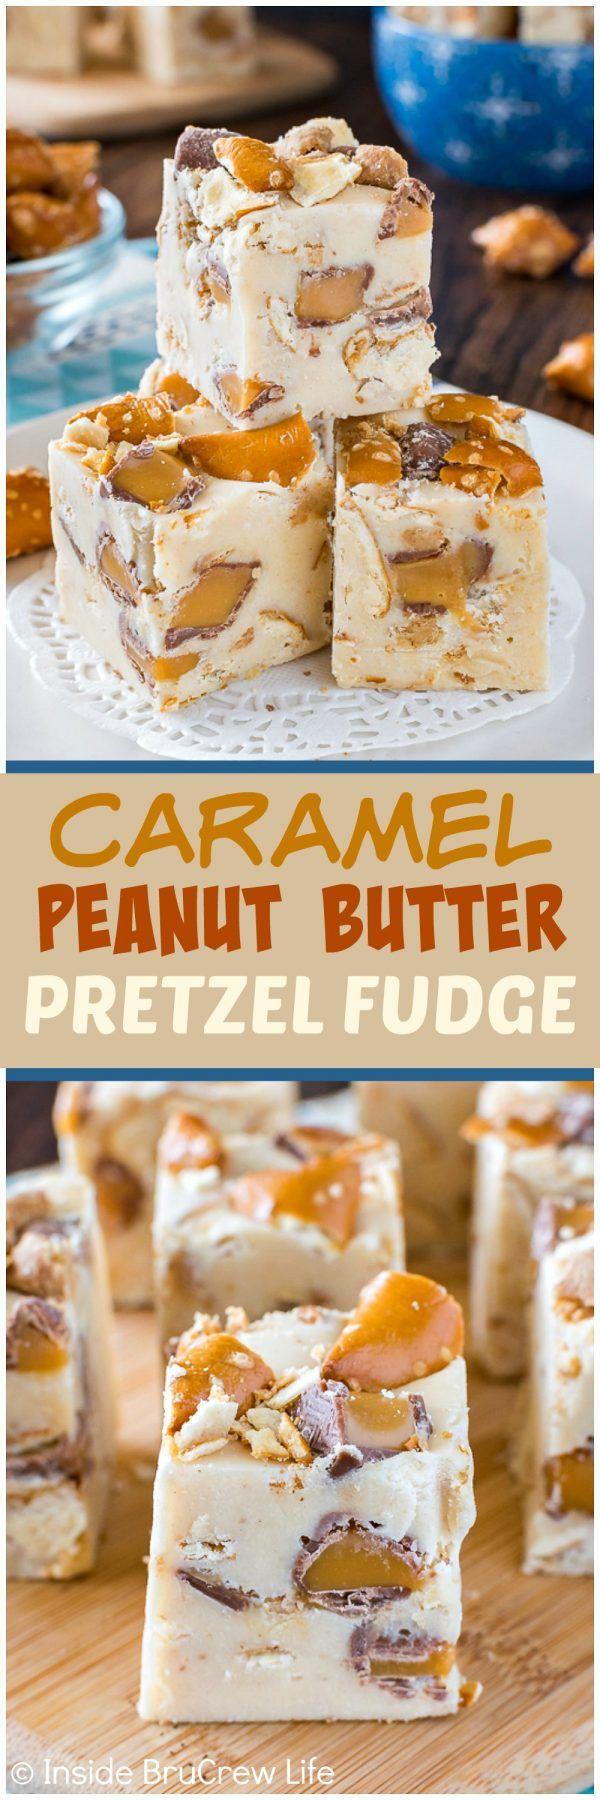 Caramelo de mantequilla de maní Fudge pretzel - remolinos de las barras de caramelo y galletas saladas dentro de un maní dulce de azúcar de la mantequilla cremosa añadir una diversión crujido!  Gran hay una receta de pasteles postre que está listo en cuestión de minutos!